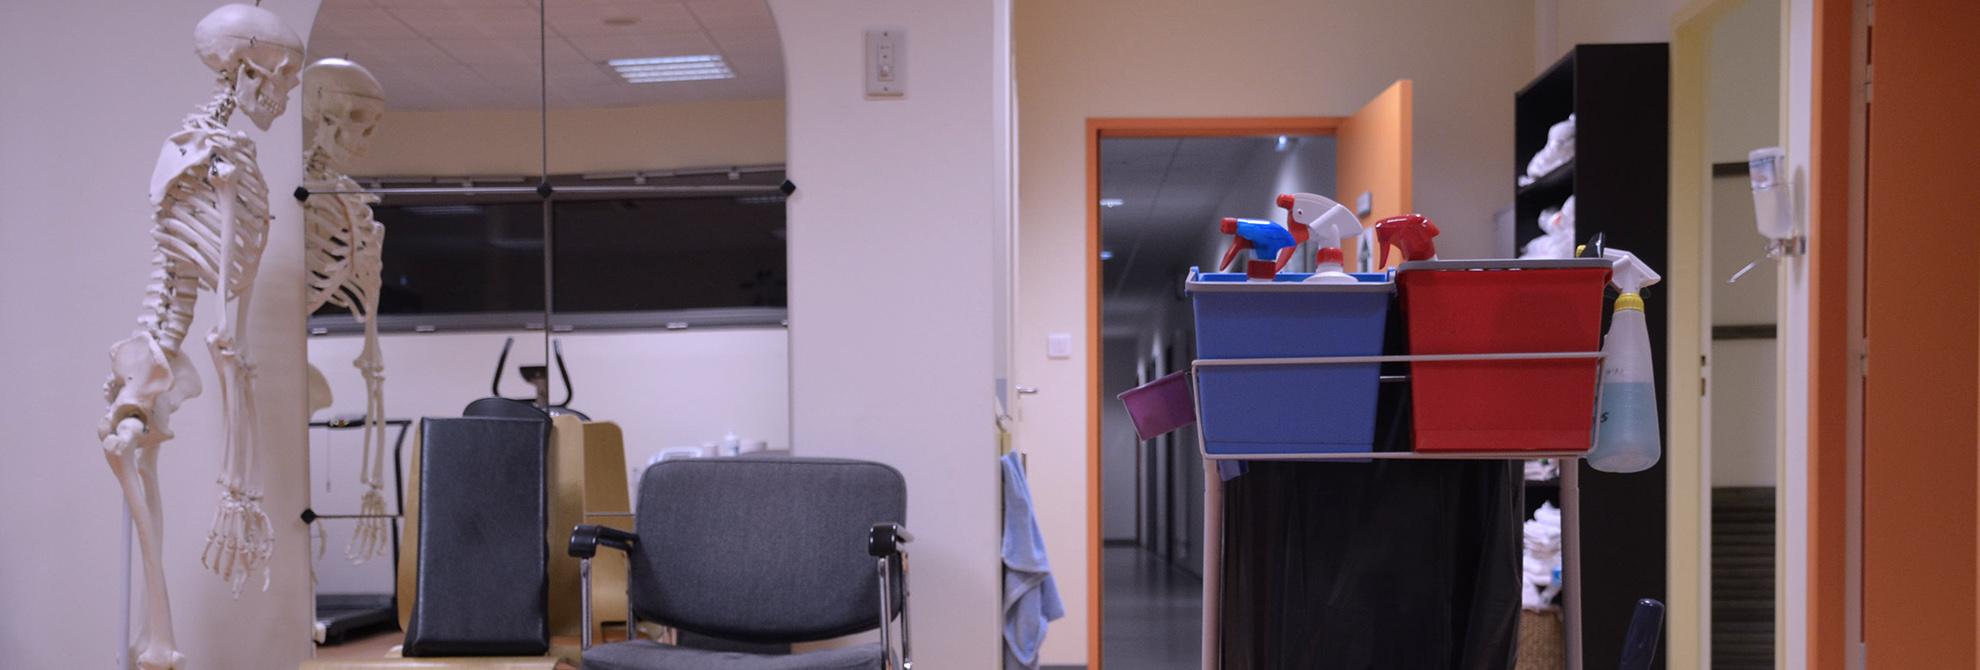 Nettoyage professionnel Santé